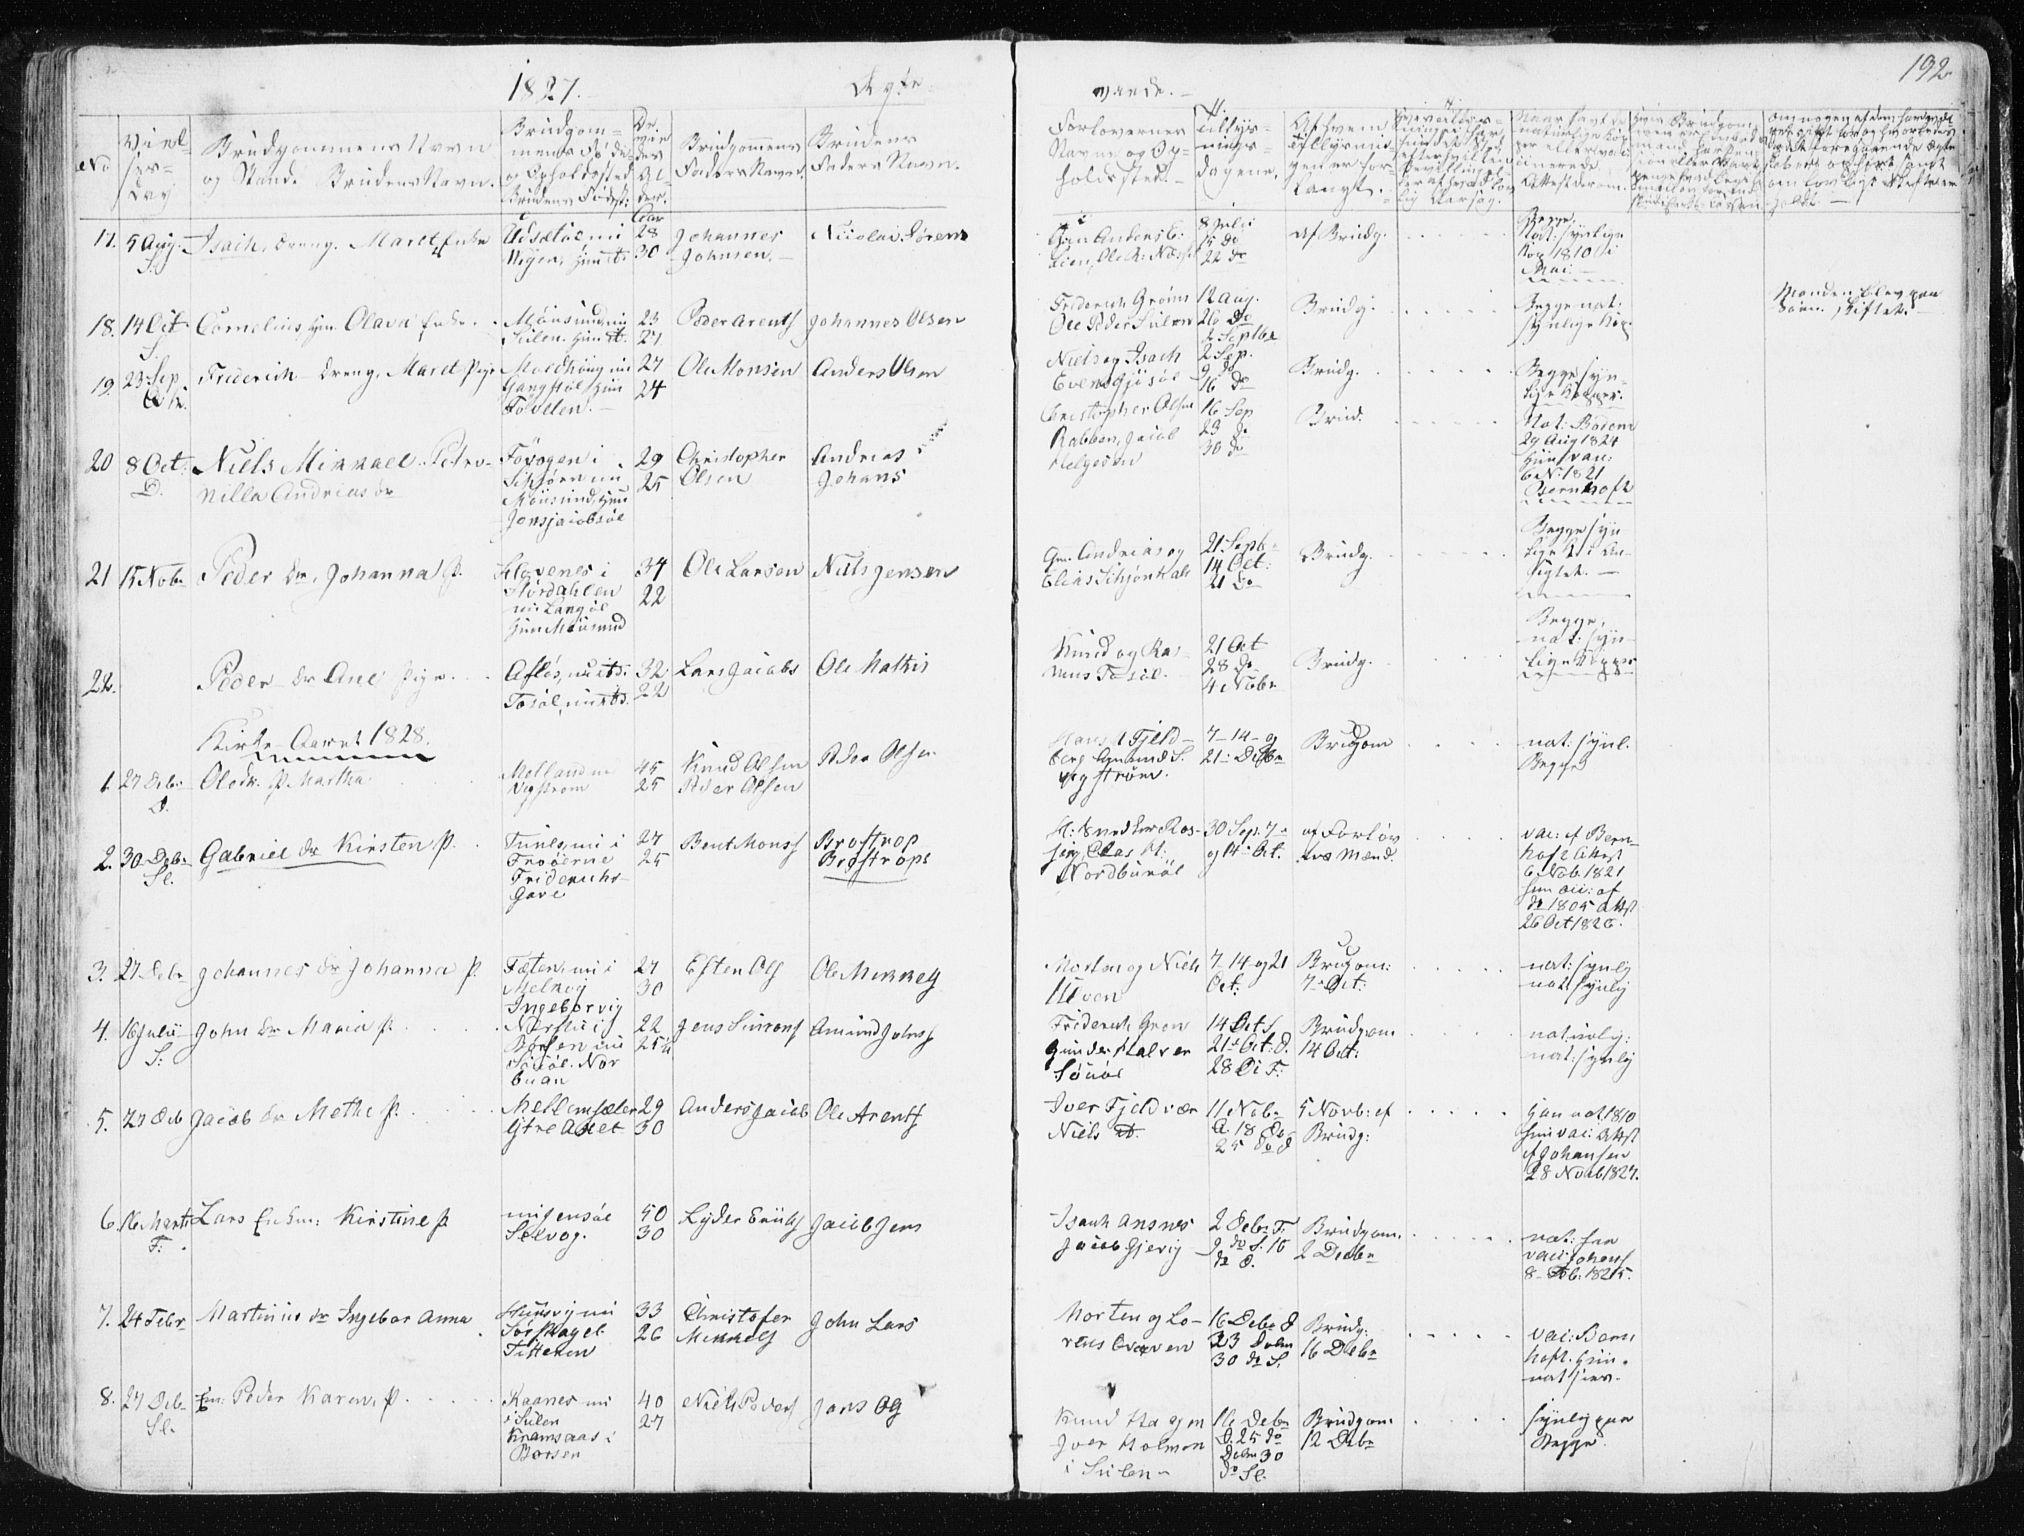 SAT, Ministerialprotokoller, klokkerbøker og fødselsregistre - Sør-Trøndelag, 634/L0528: Ministerialbok nr. 634A04, 1827-1842, s. 192